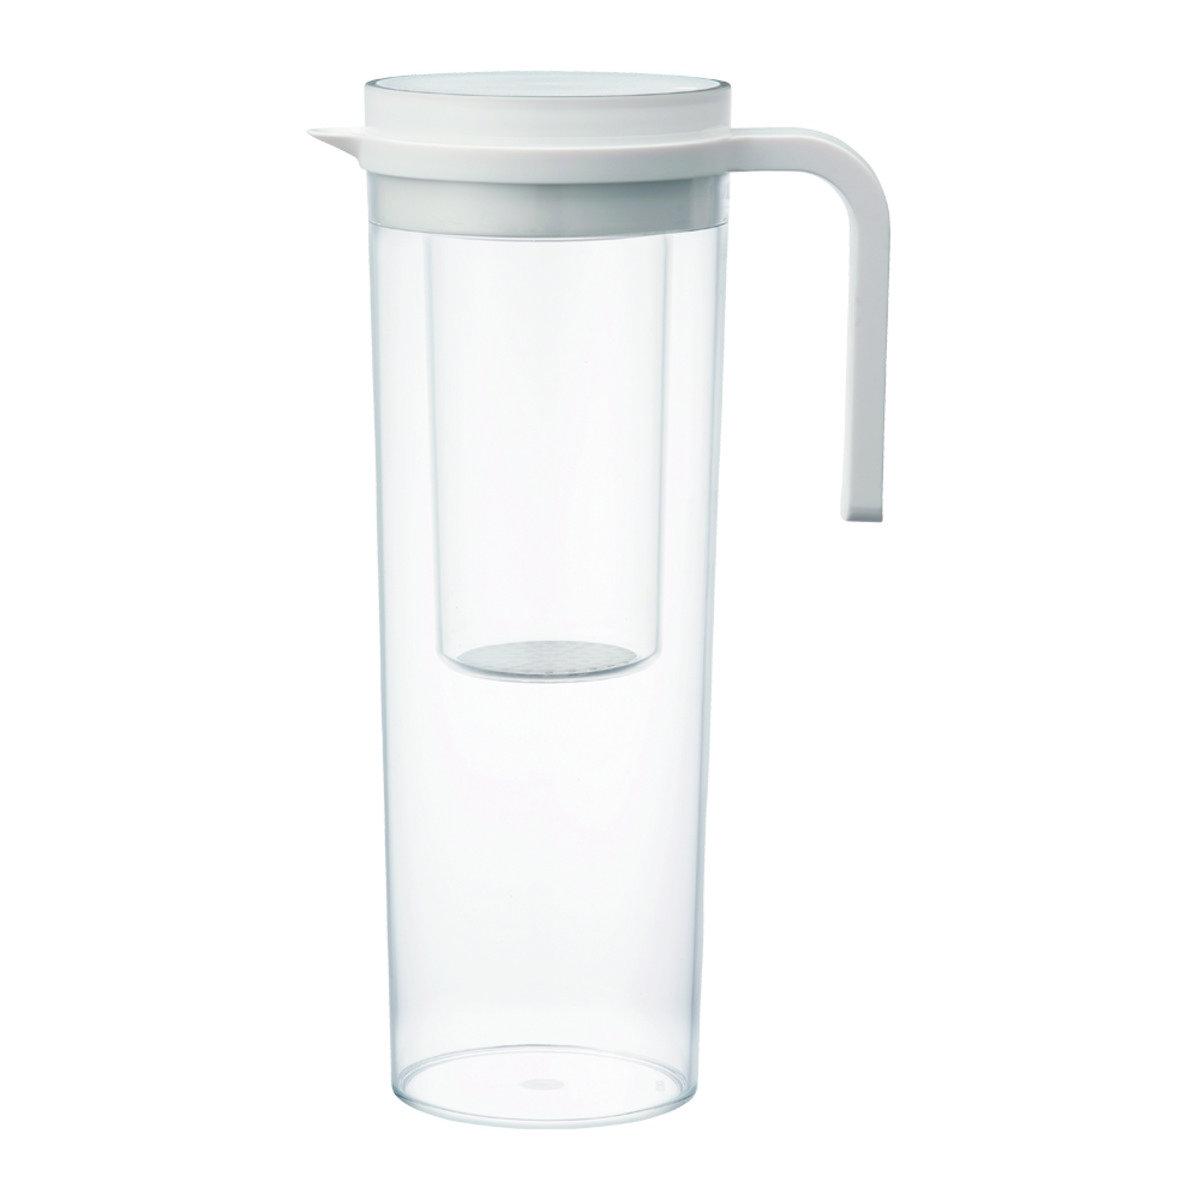 PLUG 冰茶壺 白色